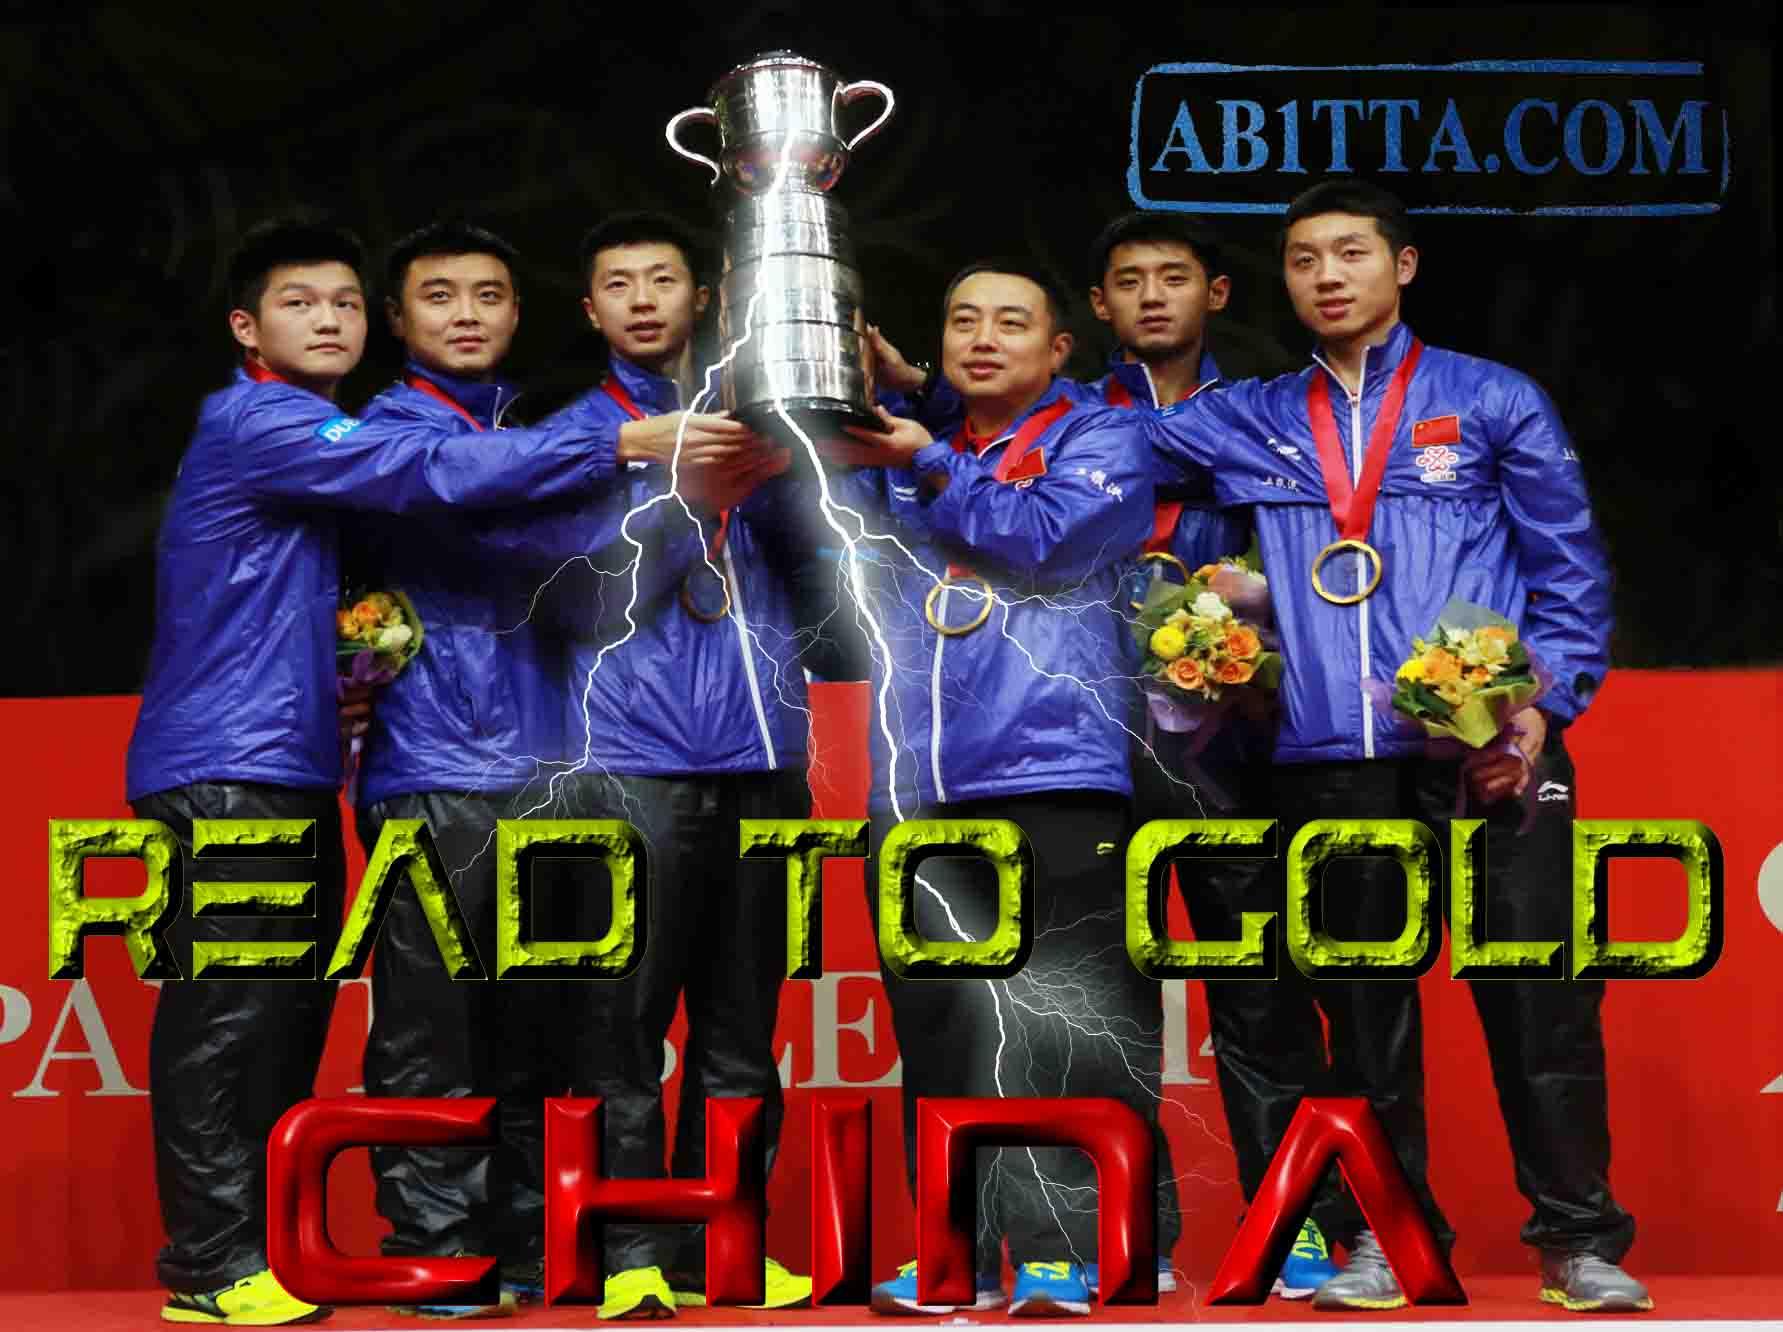 ویدئوی بهترین پوئن های تیم ملی چین برای رسیدن به قهرمانی در جام جهانی ژاپن 2014